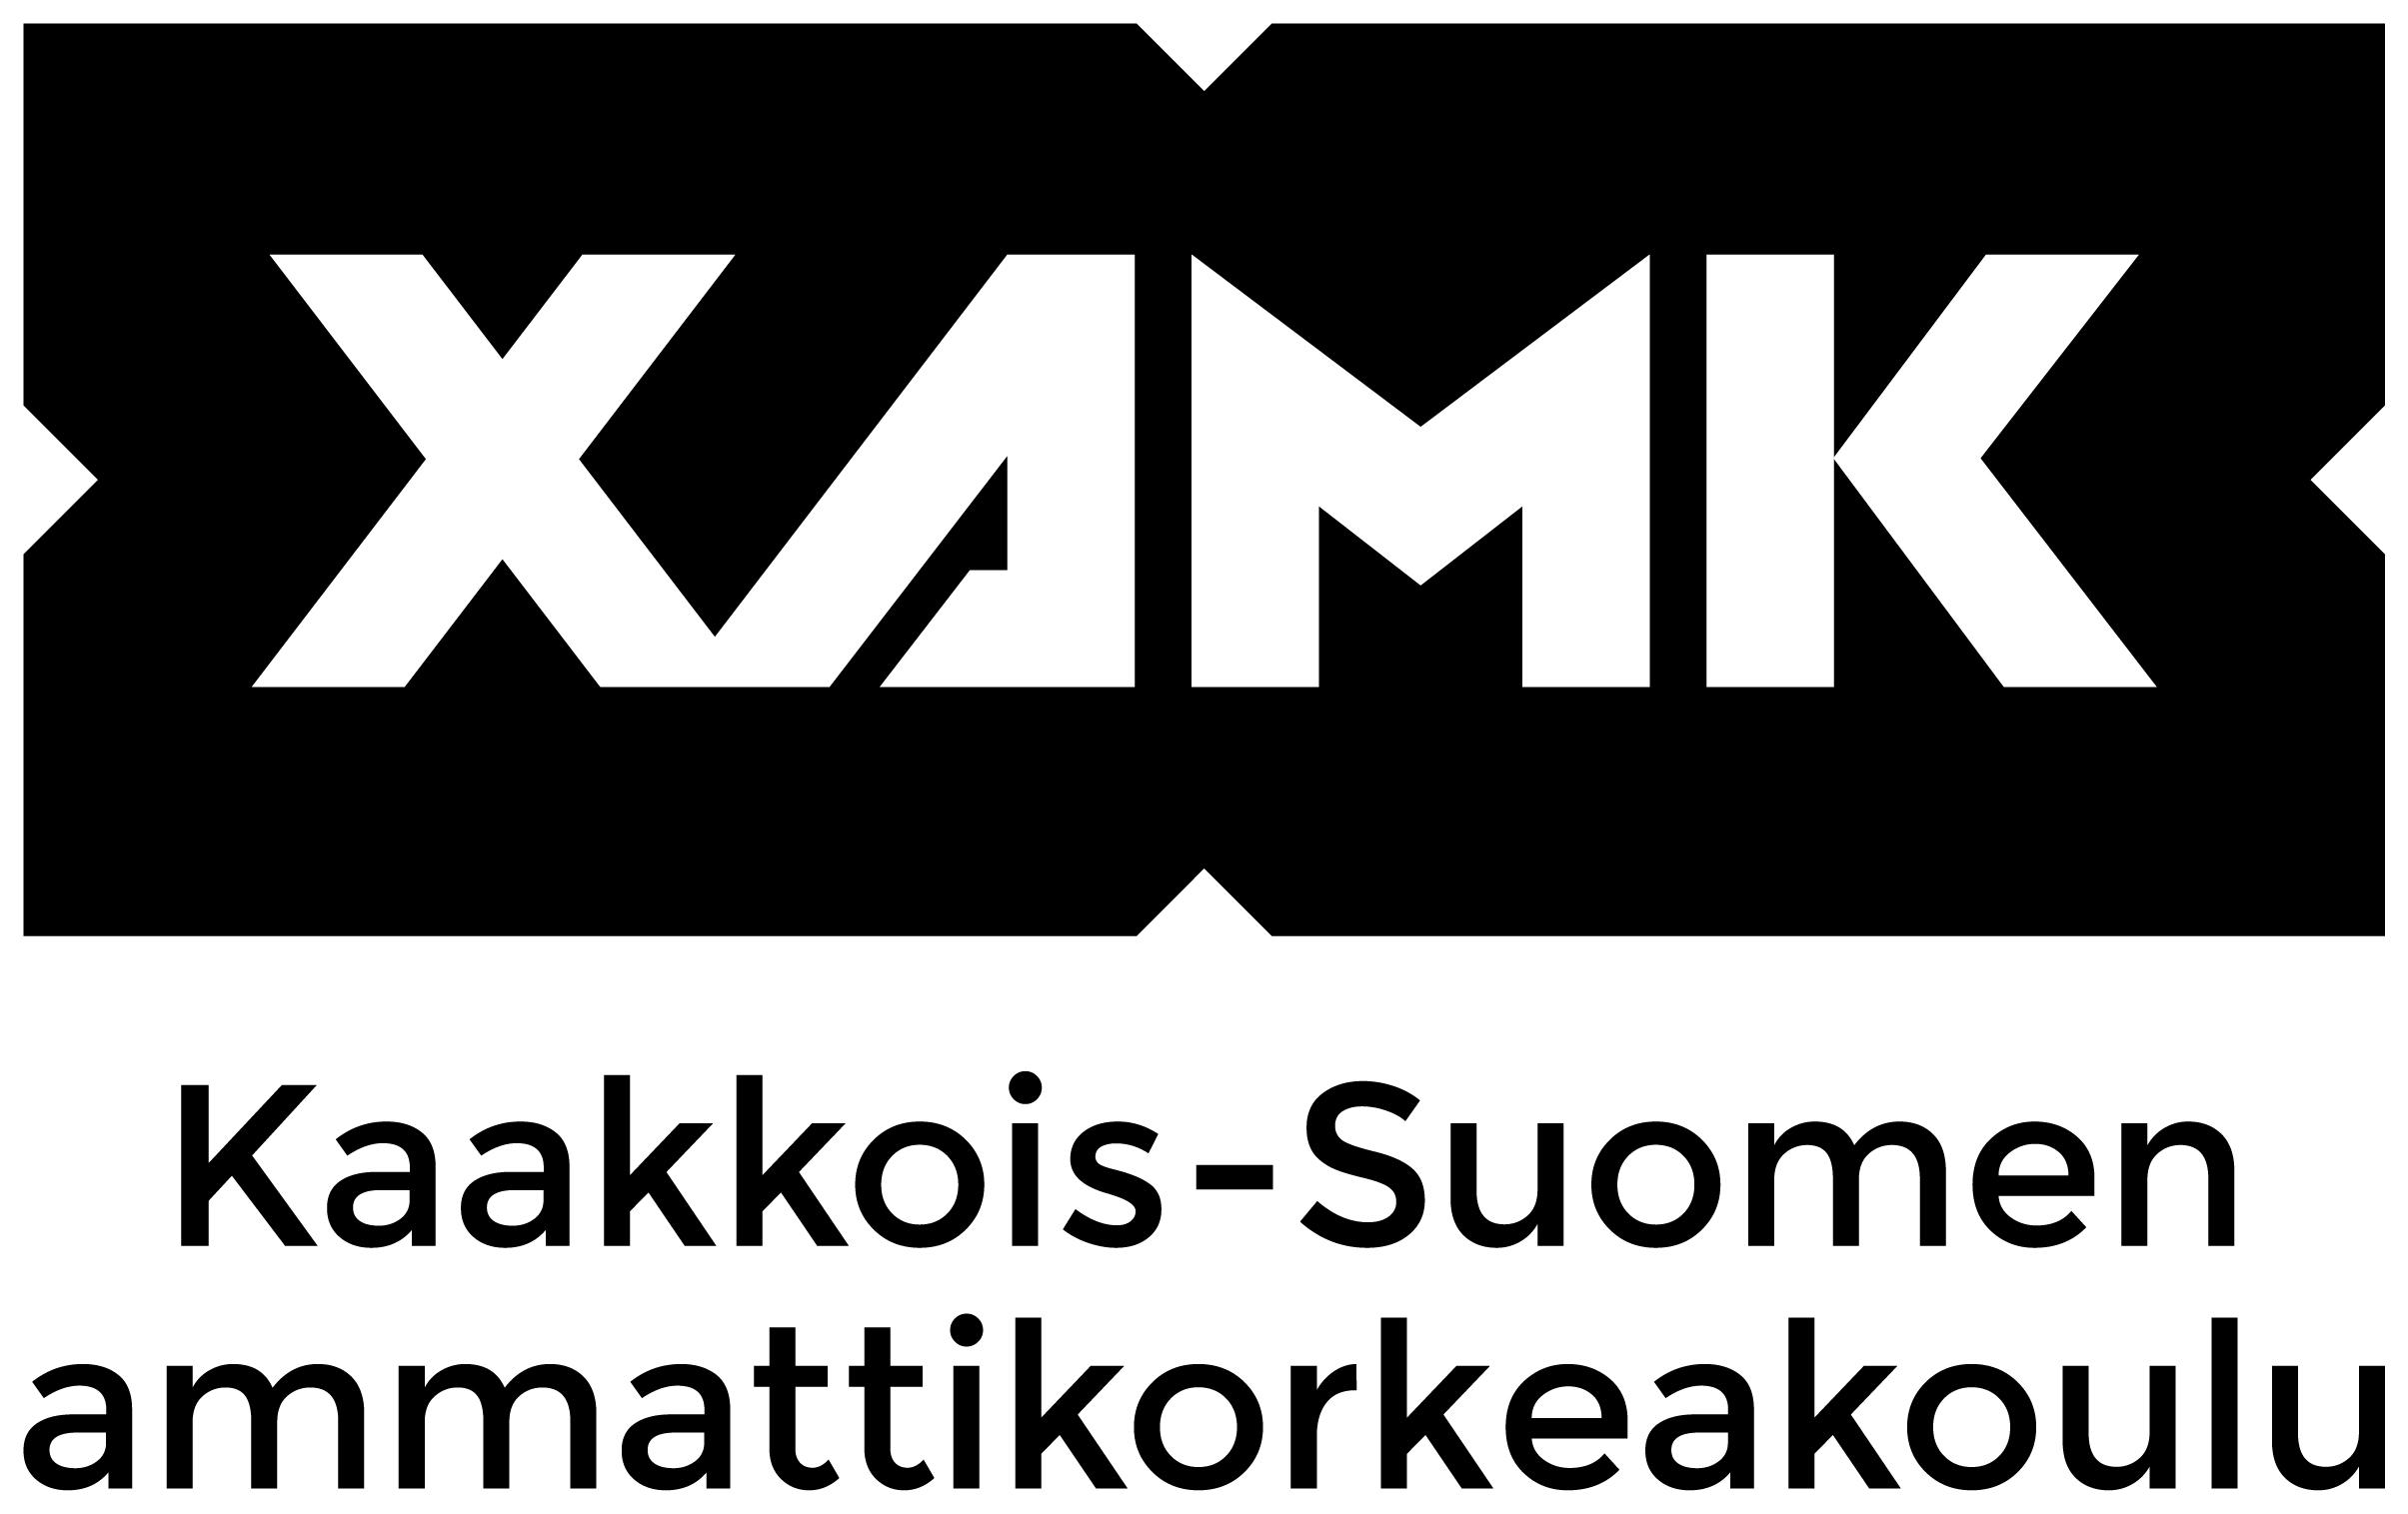 Kaakkois-Suomen Ammattikorkeakoulu Oy logo